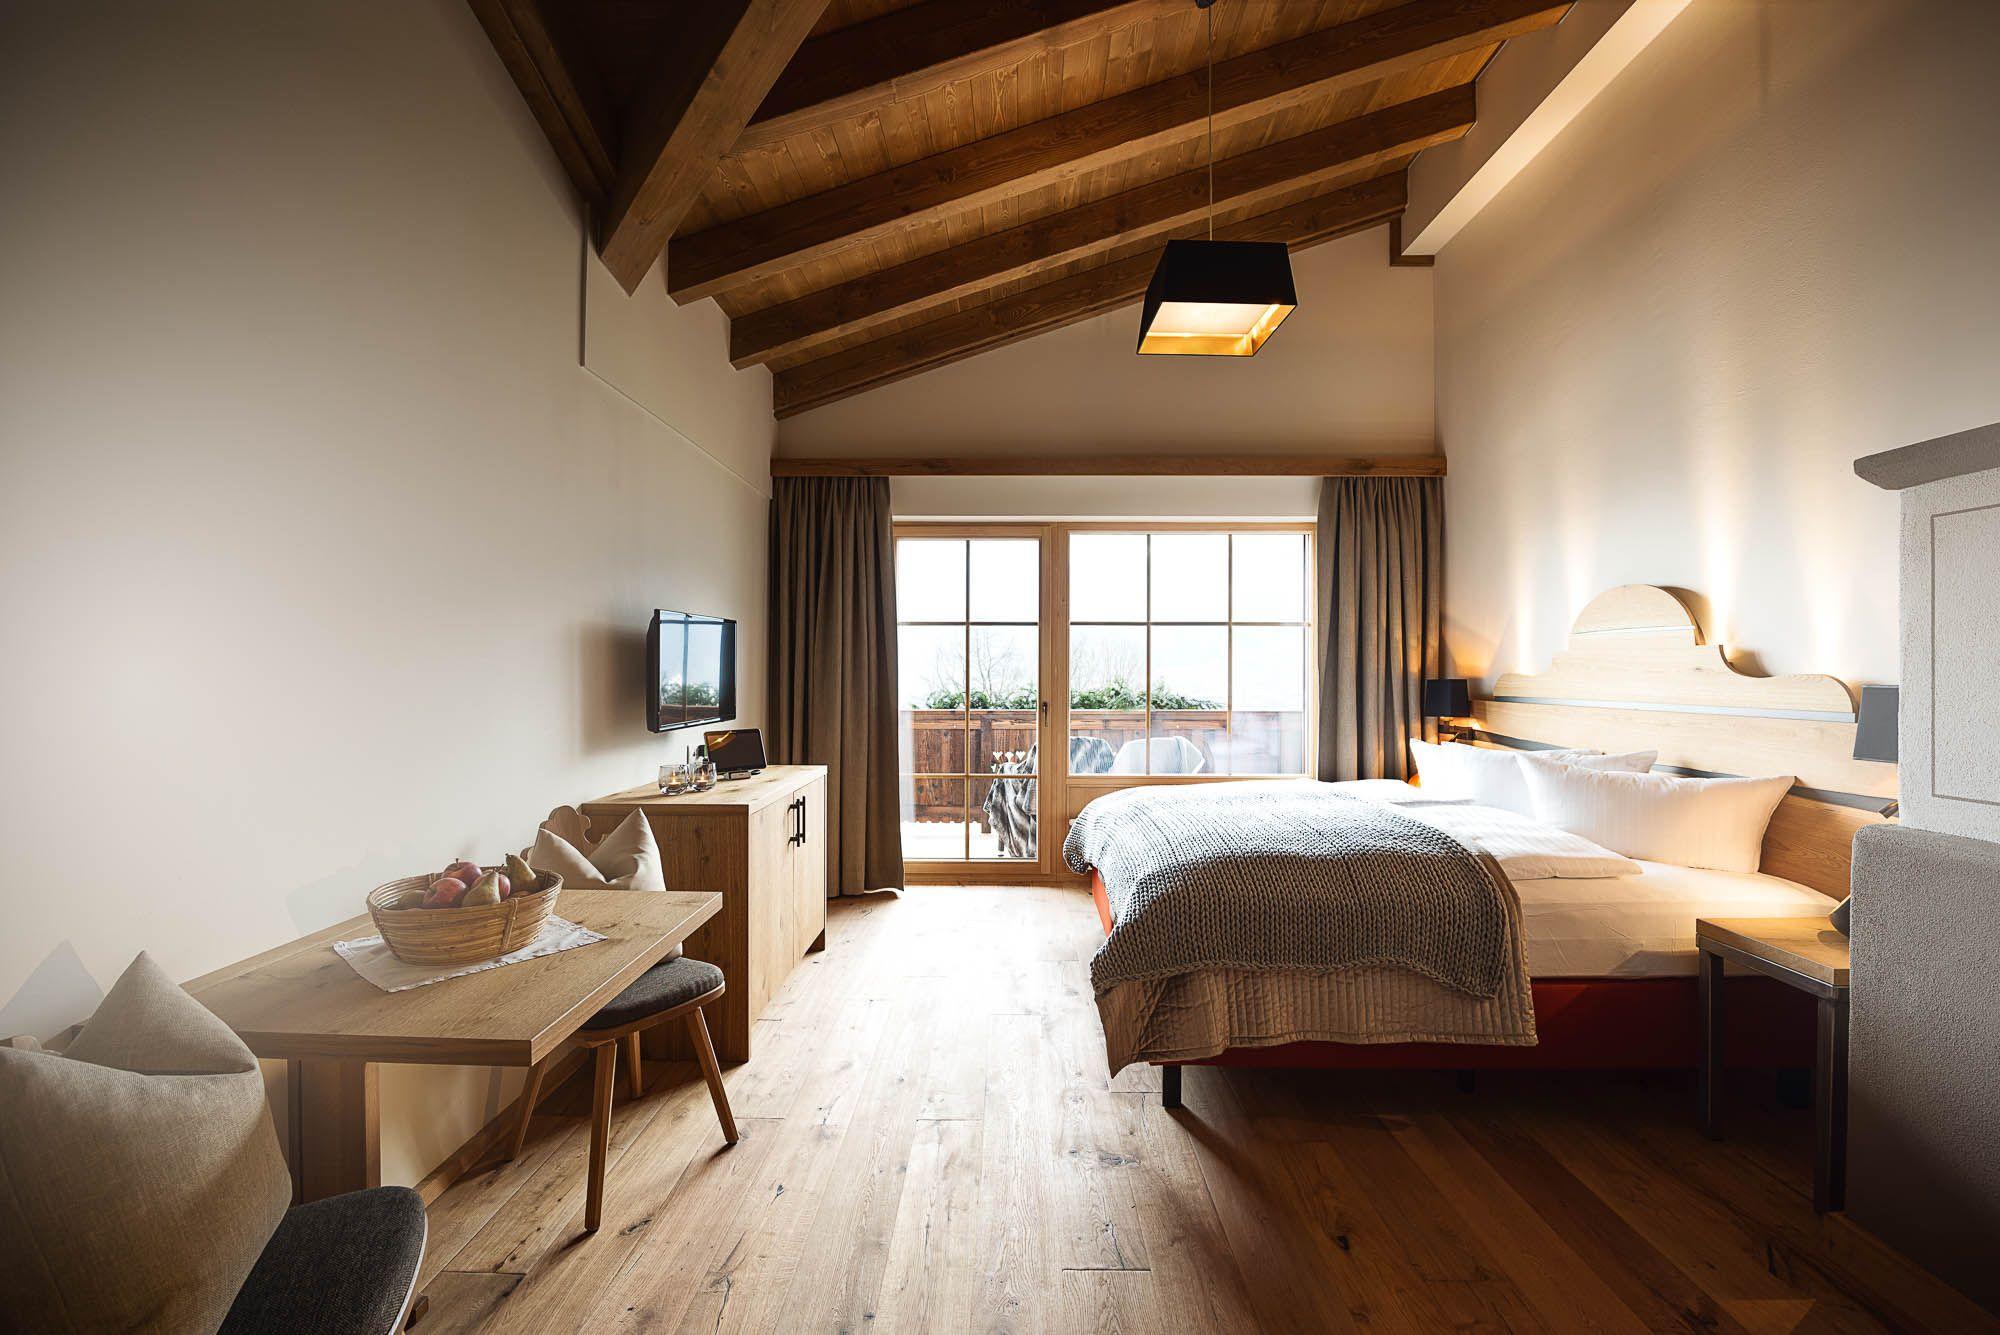 das kaltenbach design hotel zilltertal austria